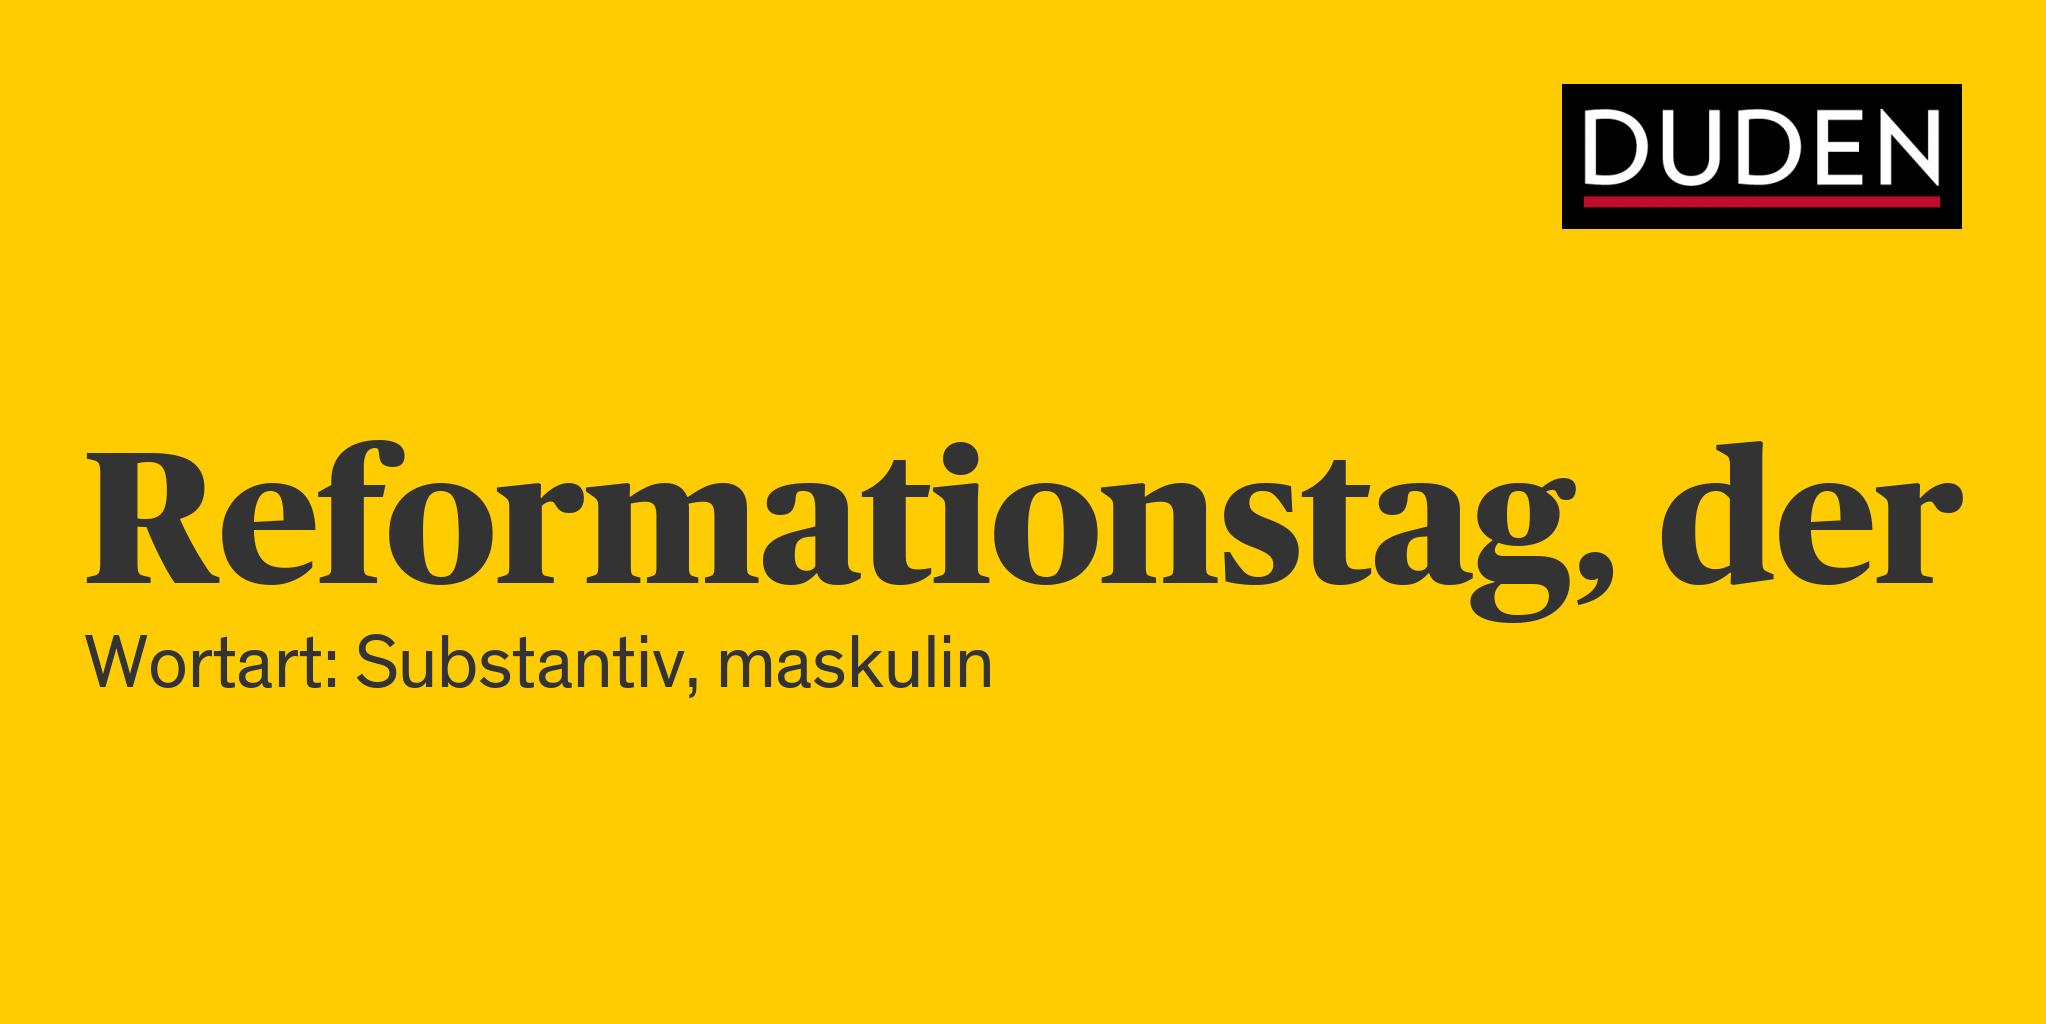 Reformationstag Bedeutung